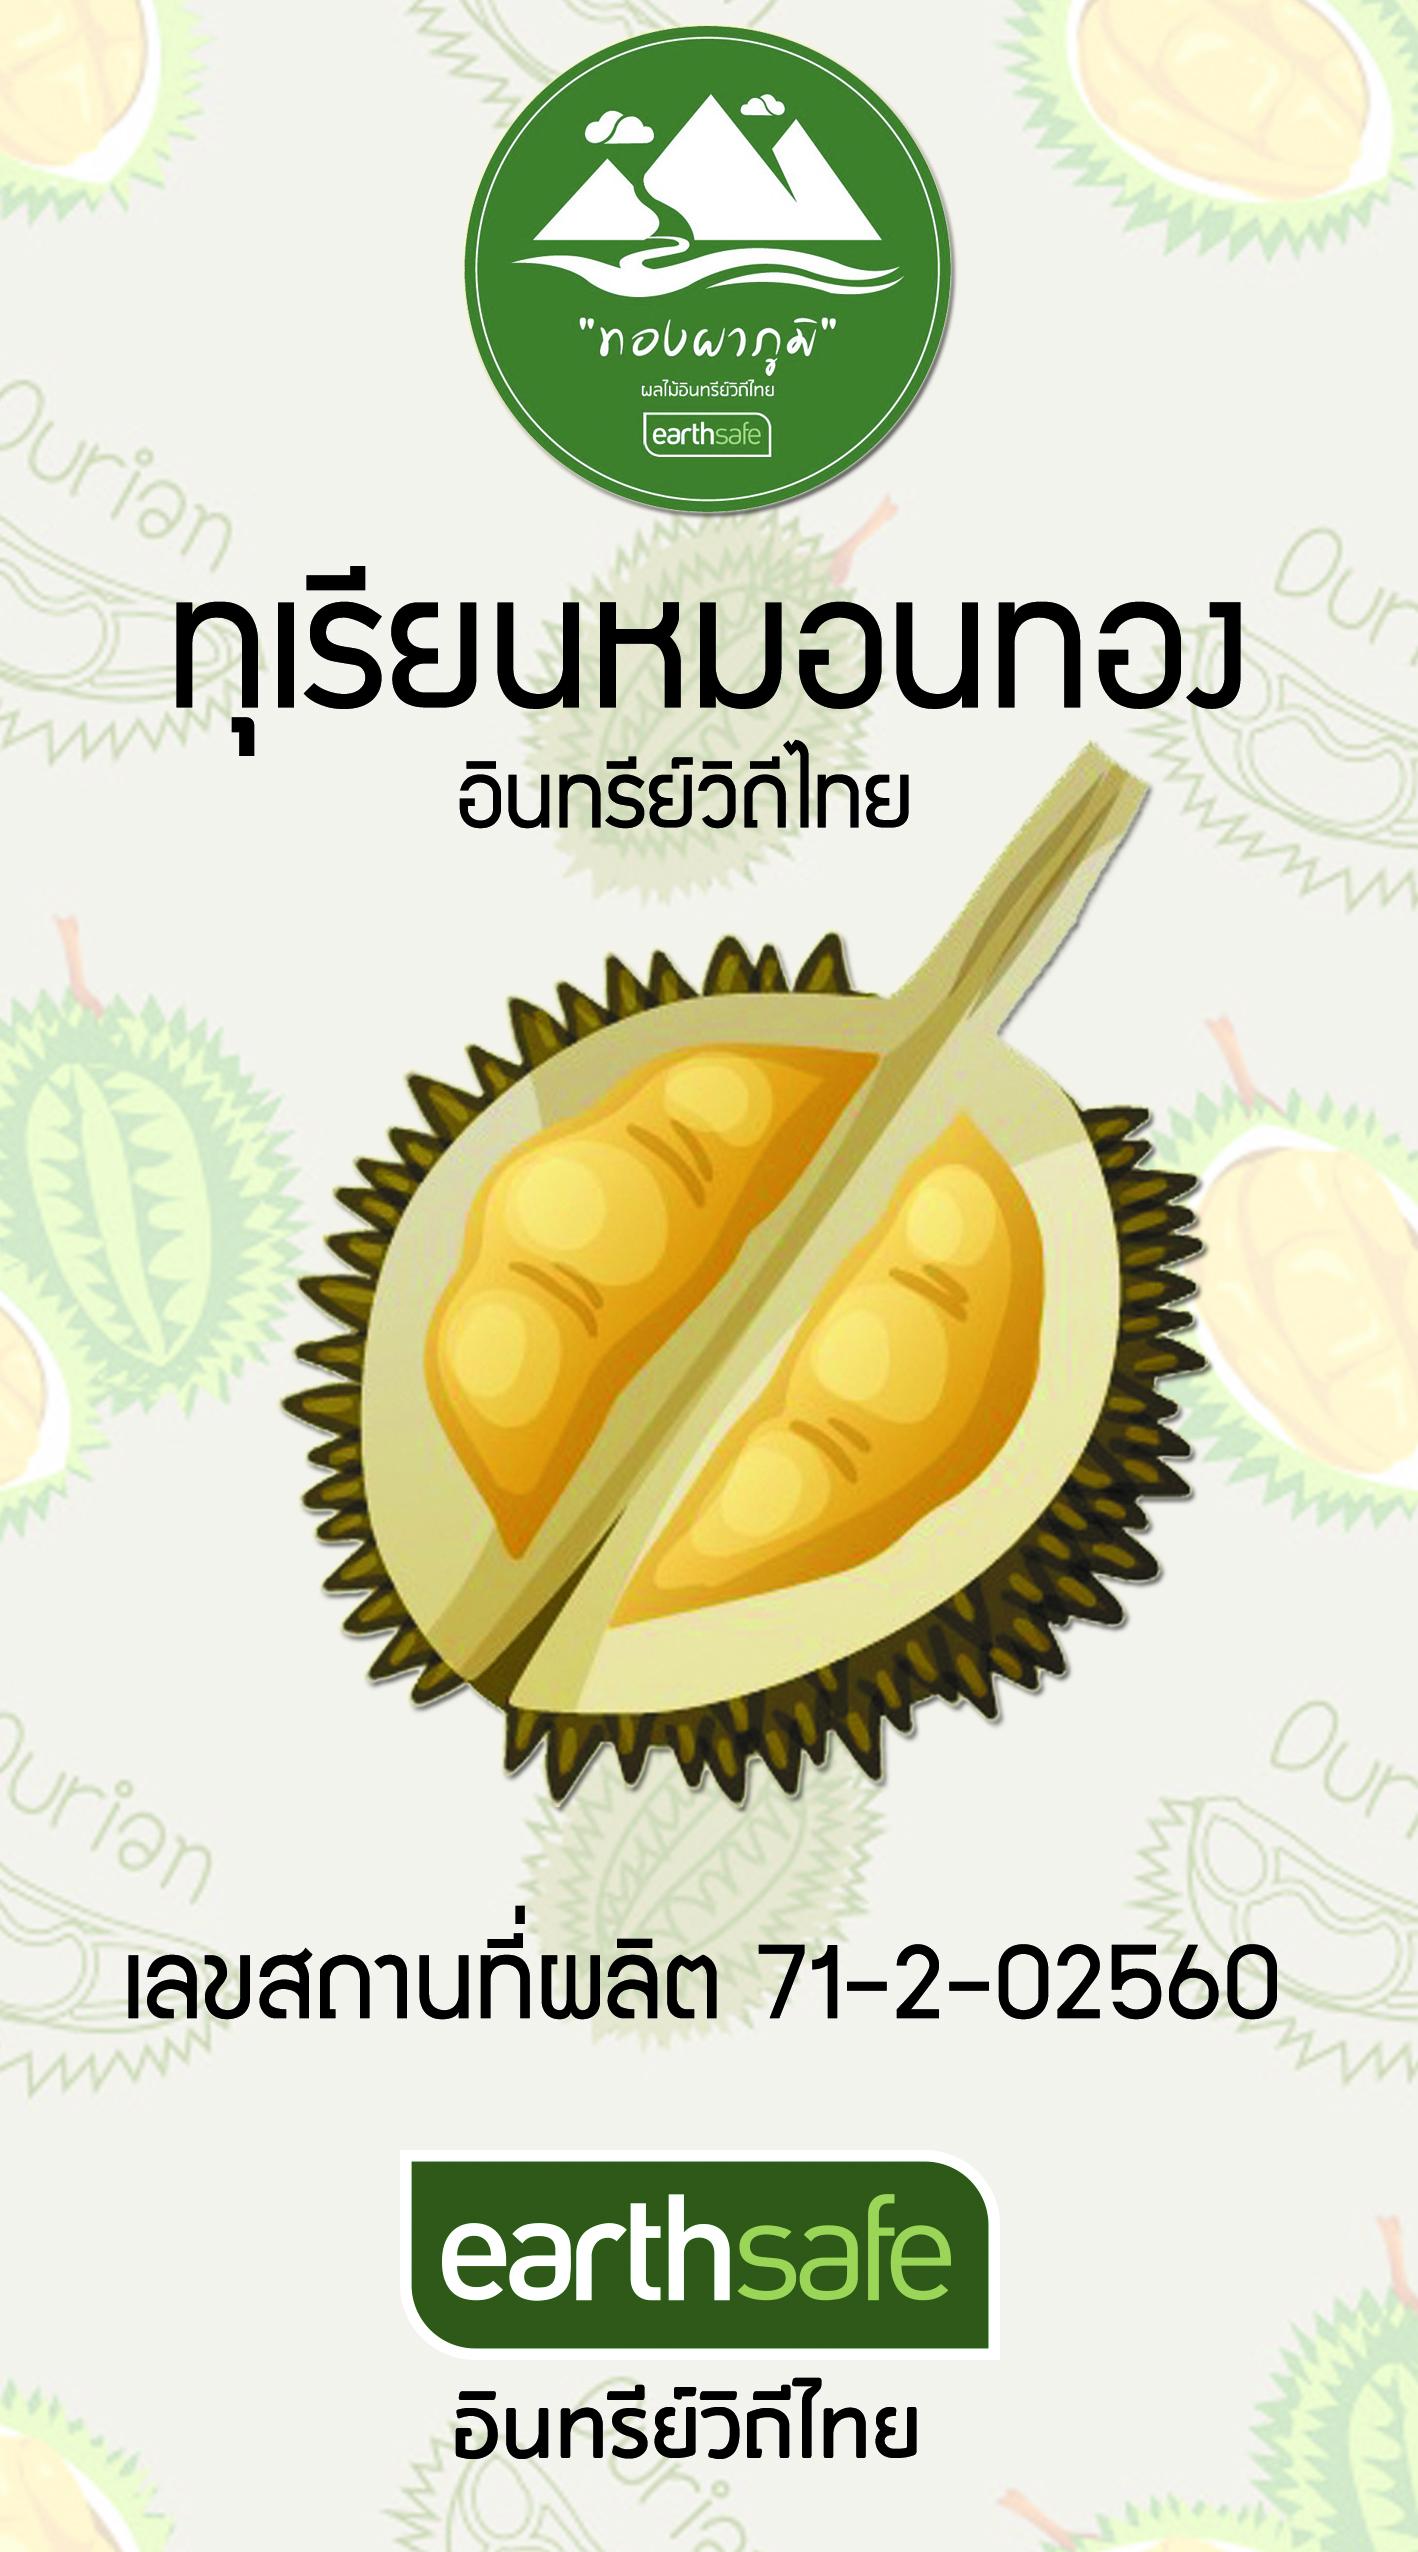 ทุเรียนทองผาภูมิอินทรีย์วิถีไทย